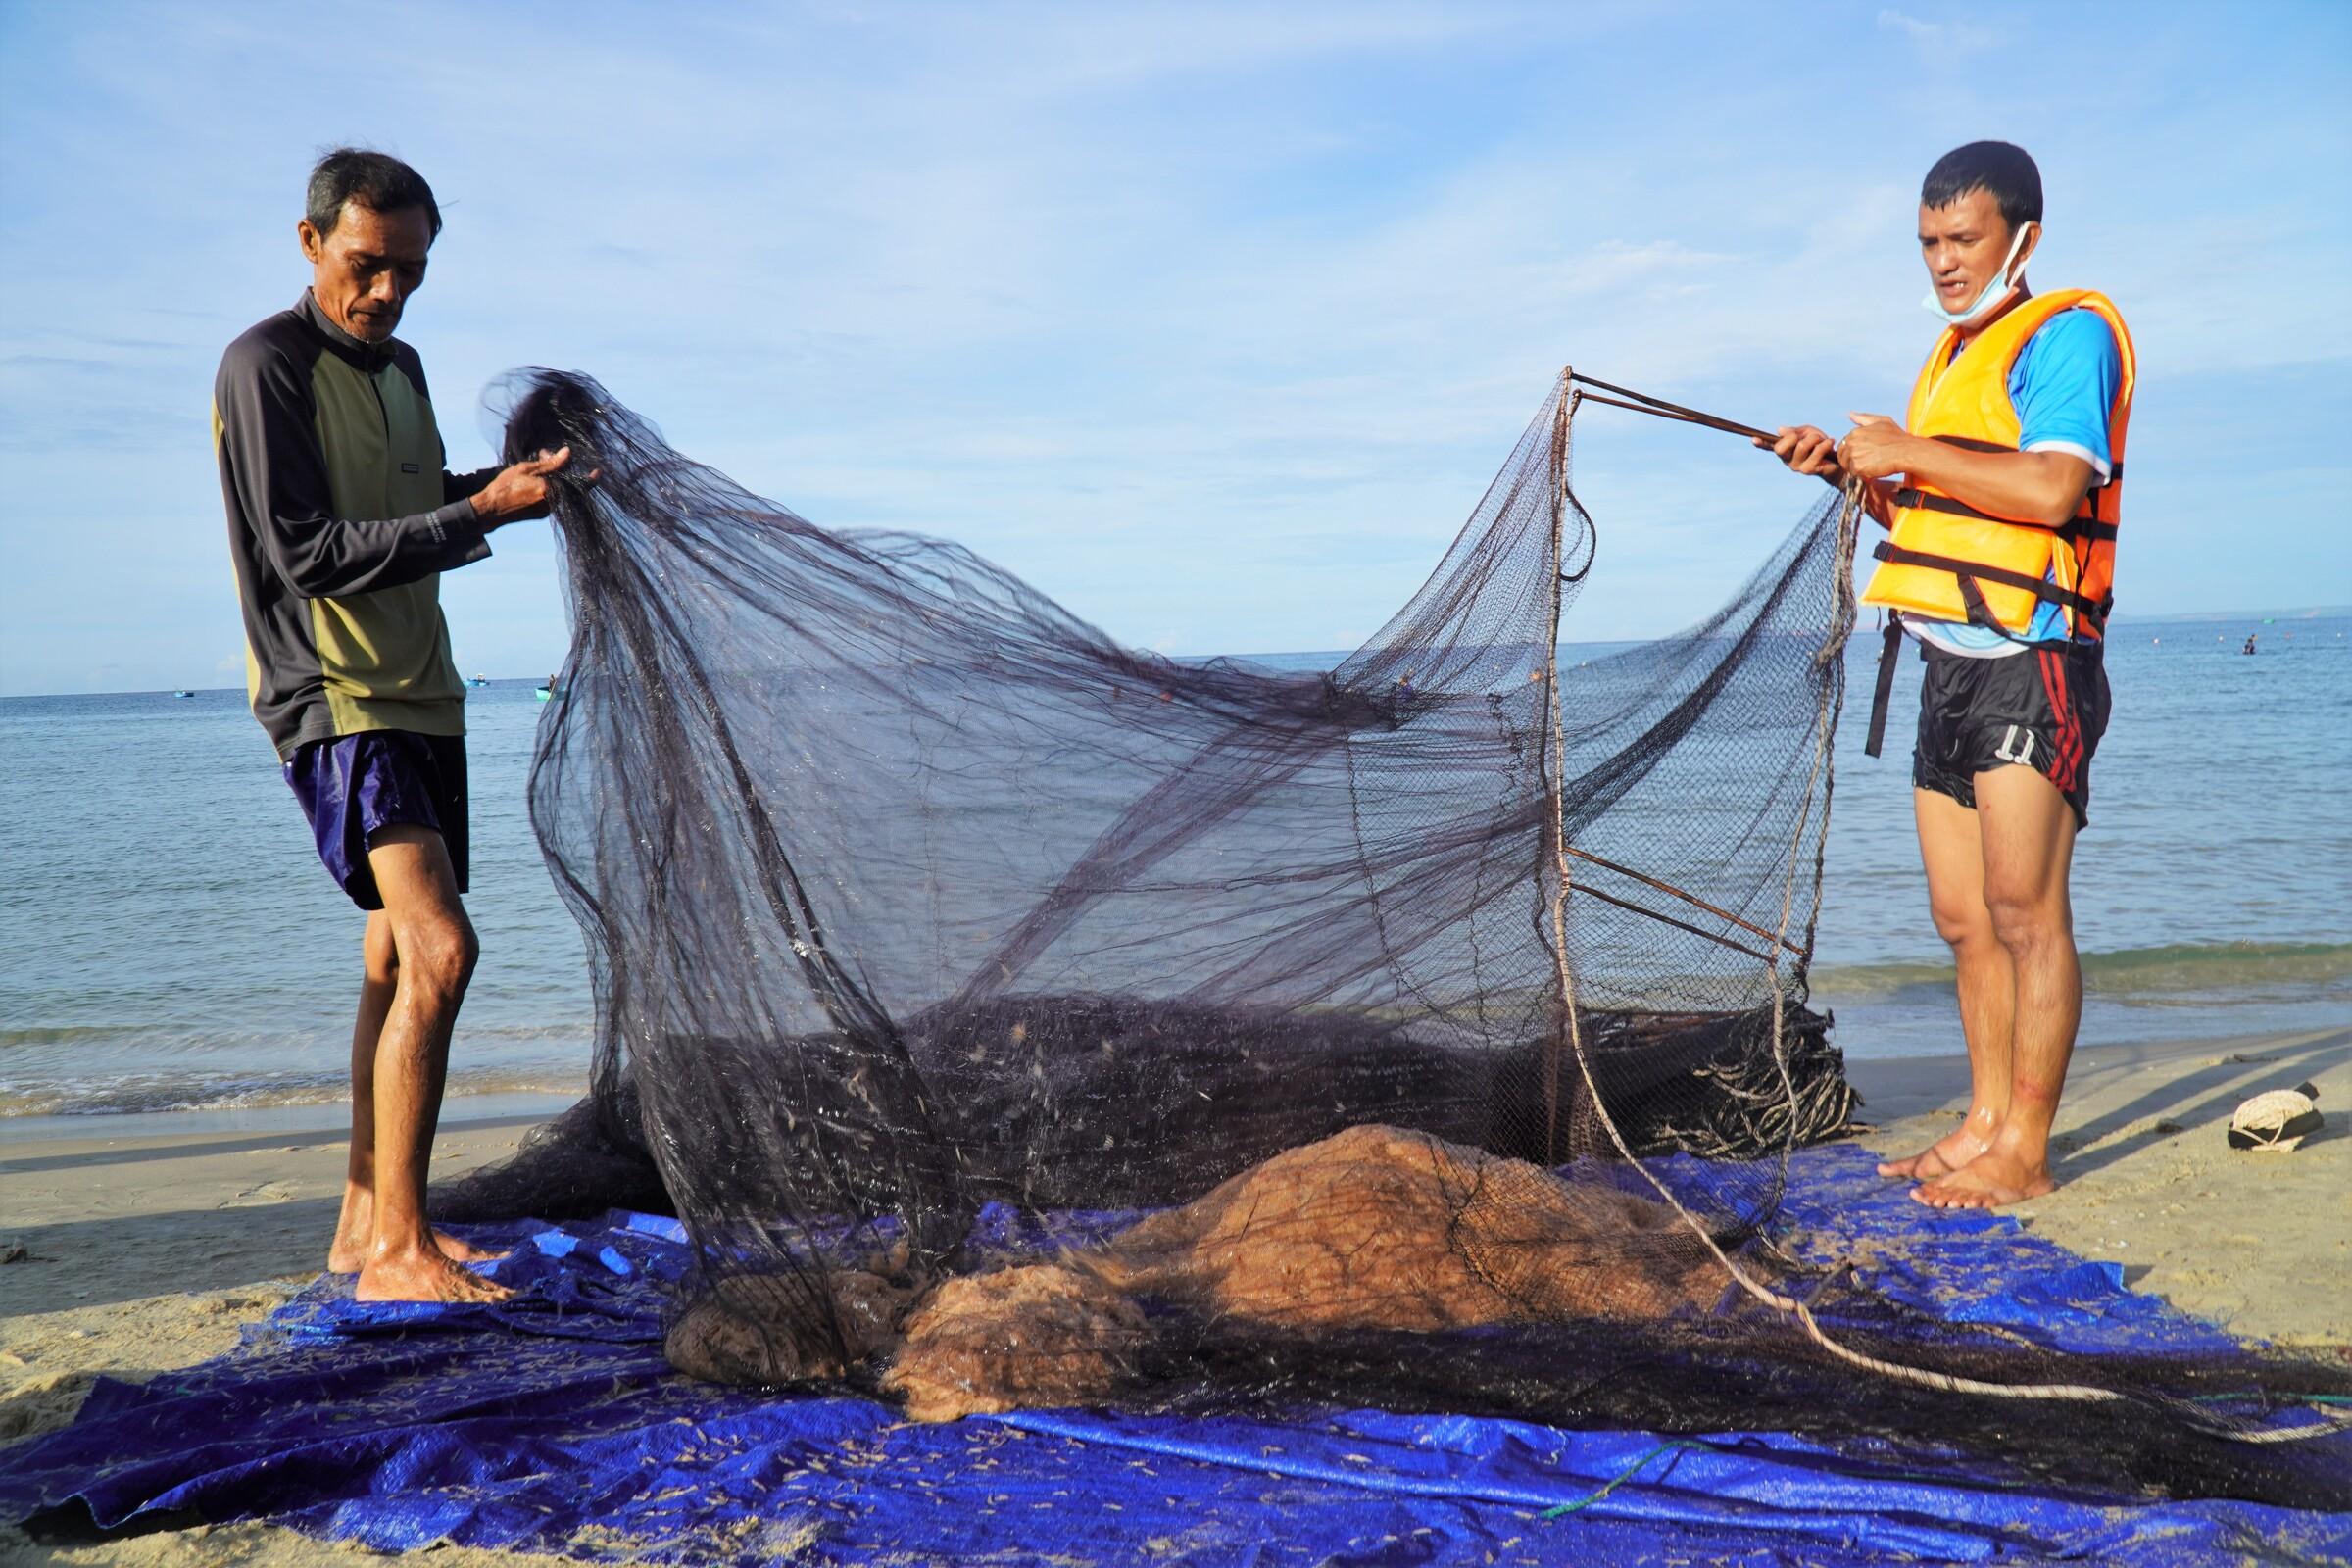 Ngư dân Phan Thiết đánh ruốc ven bờ tại bãi đá Ông Địa. Ảnh: Việt Quốc.